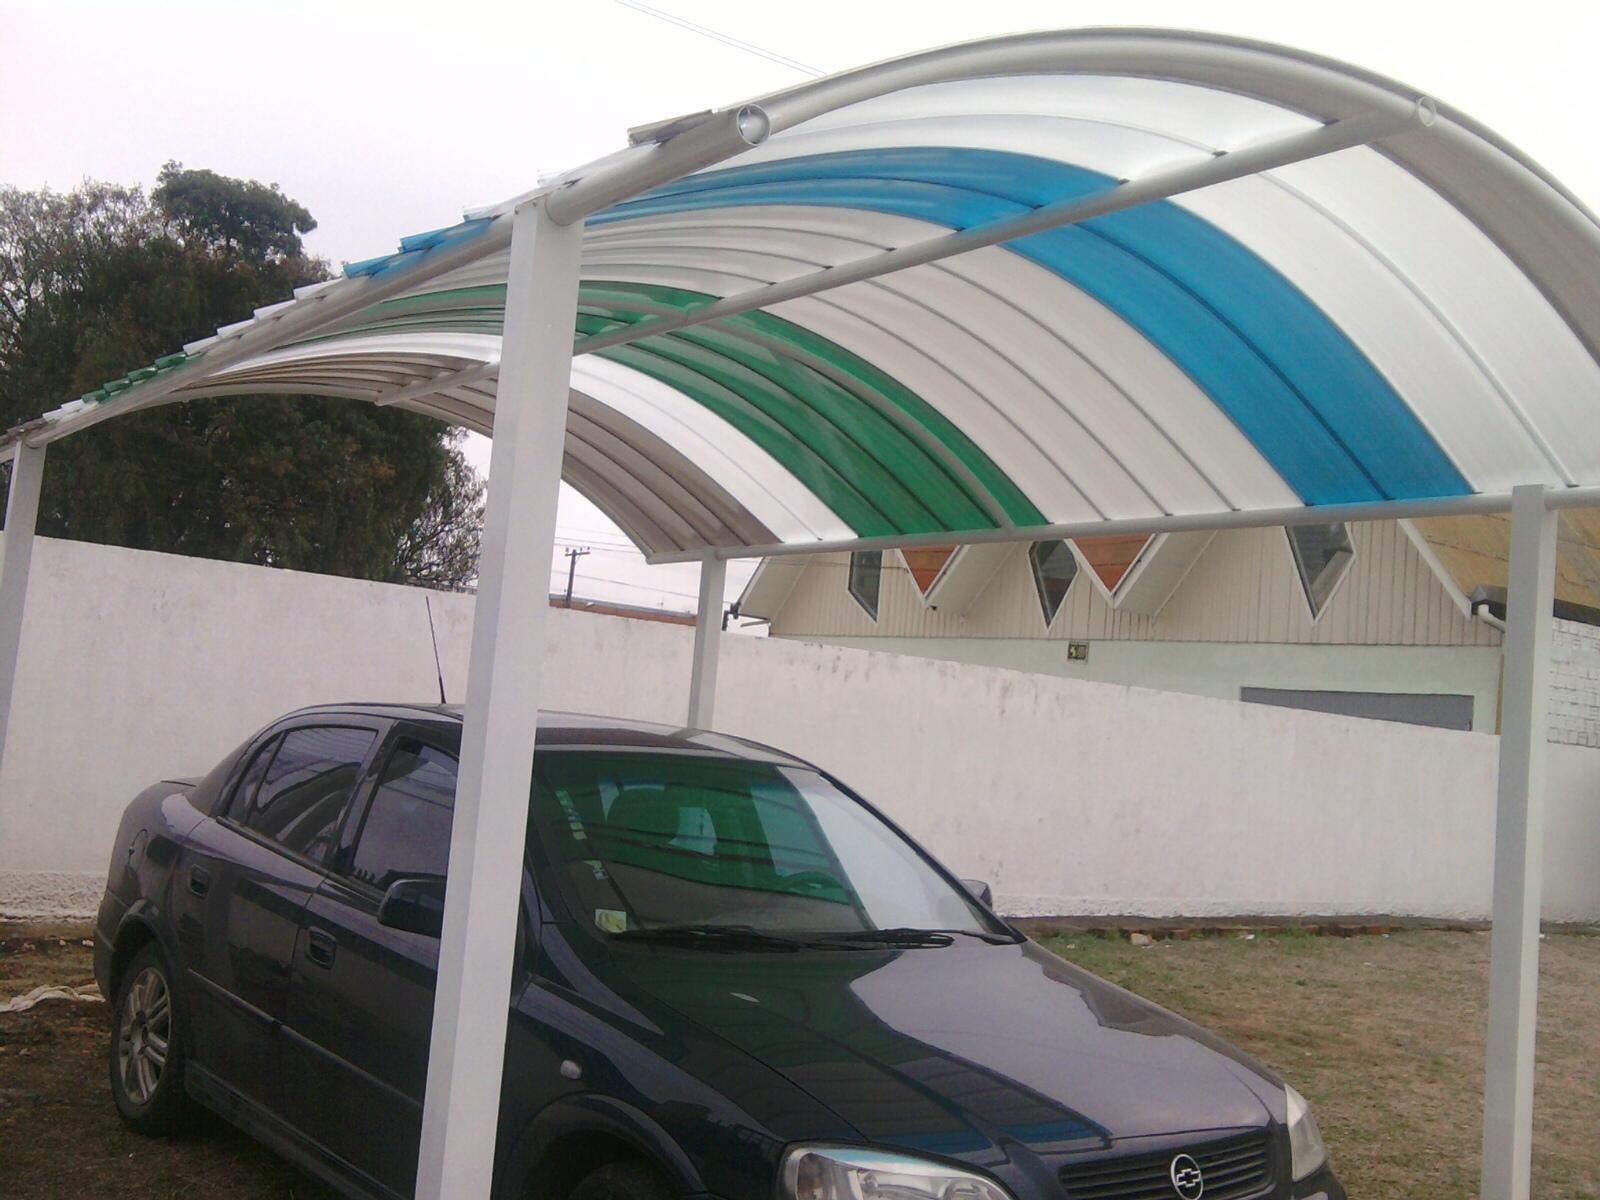 Suficiente Garagem de Policarbonato – Telhas Click – Cobertura de Veículos em  HG17